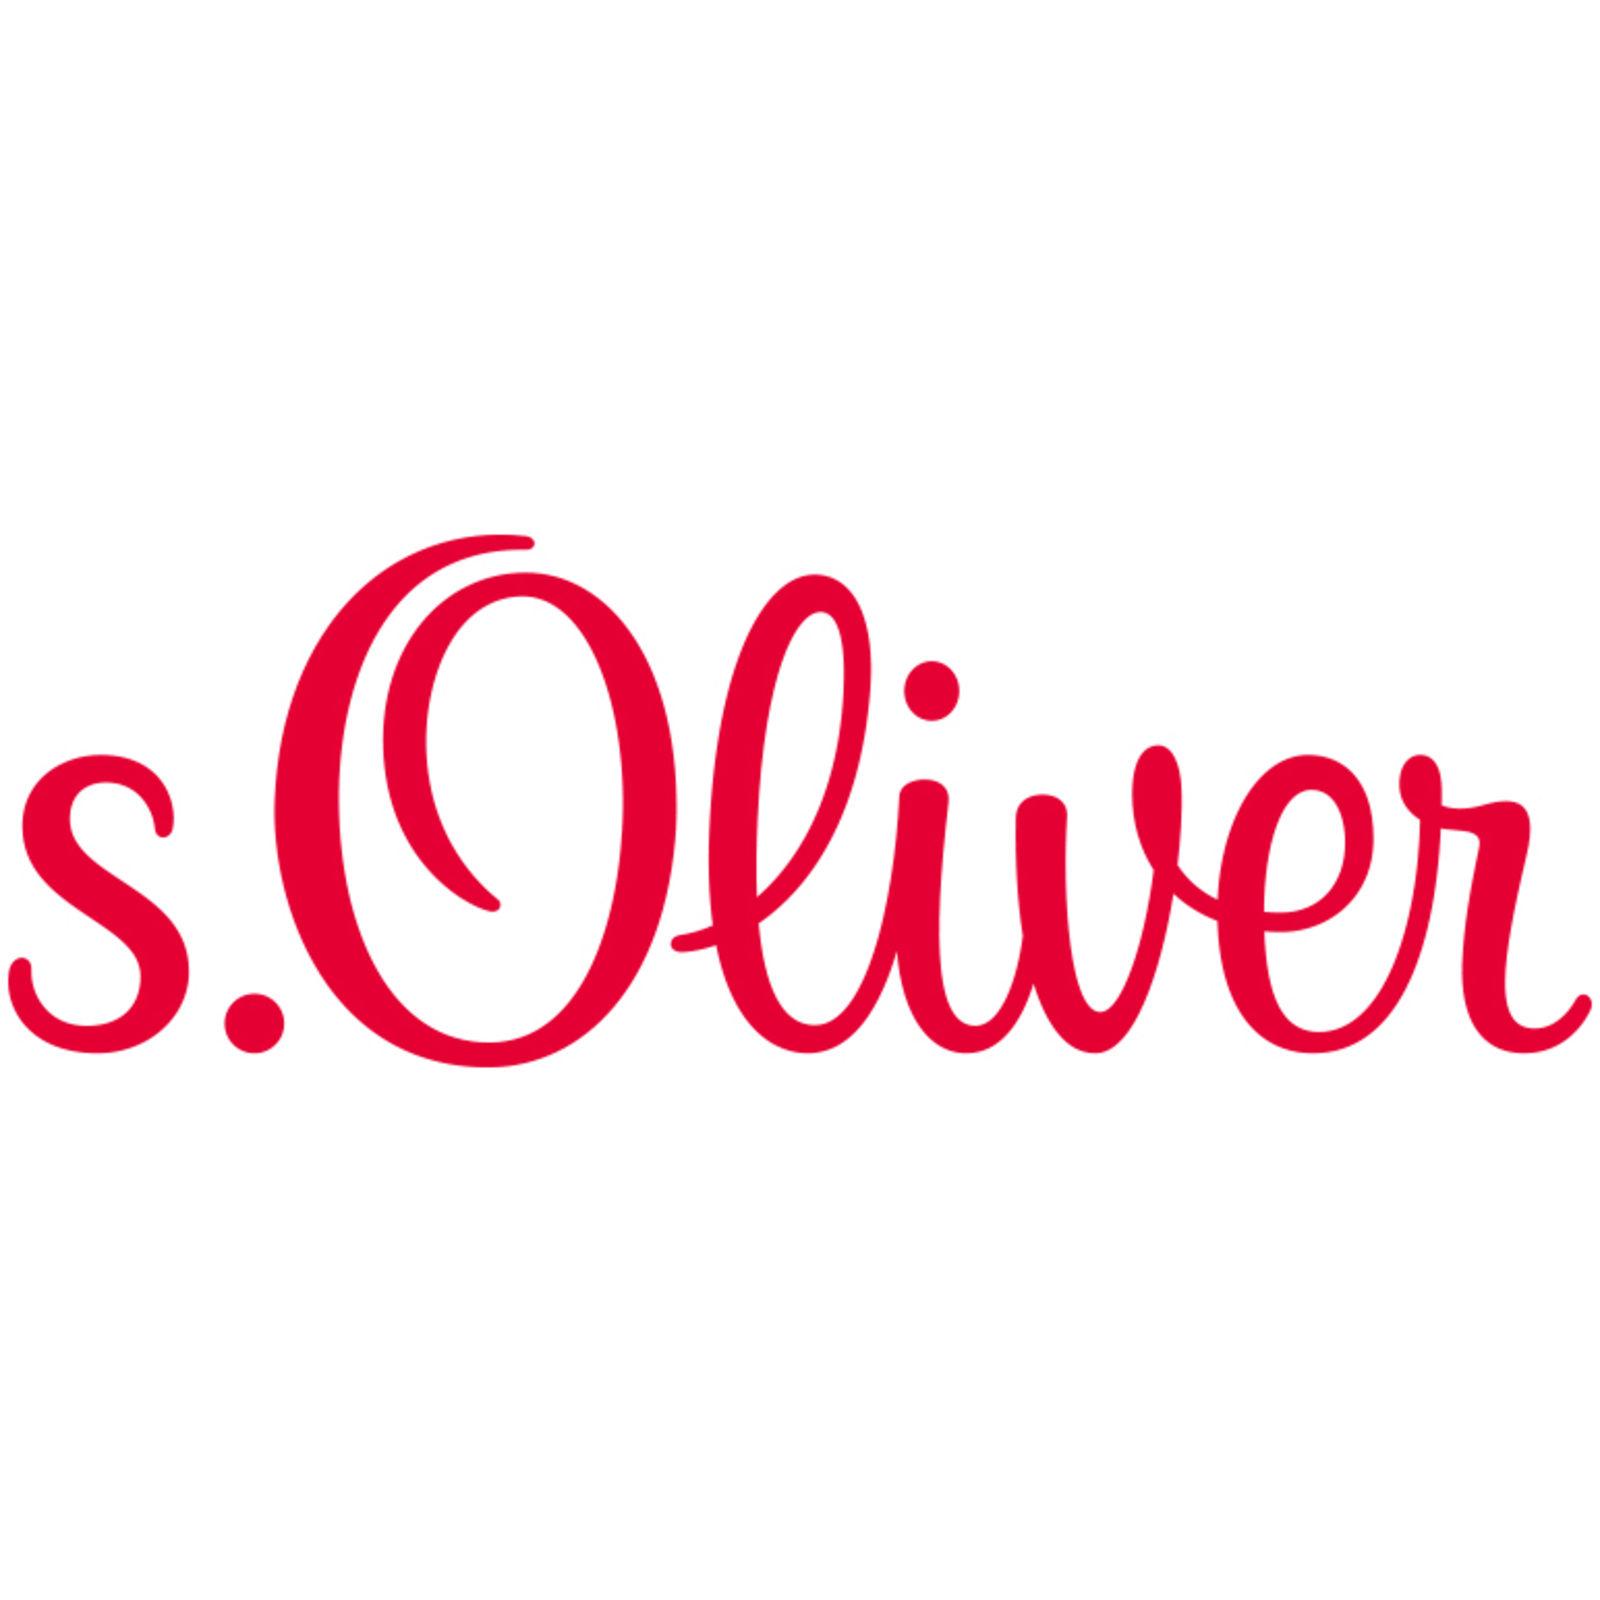 s.Oliver (Image 1)